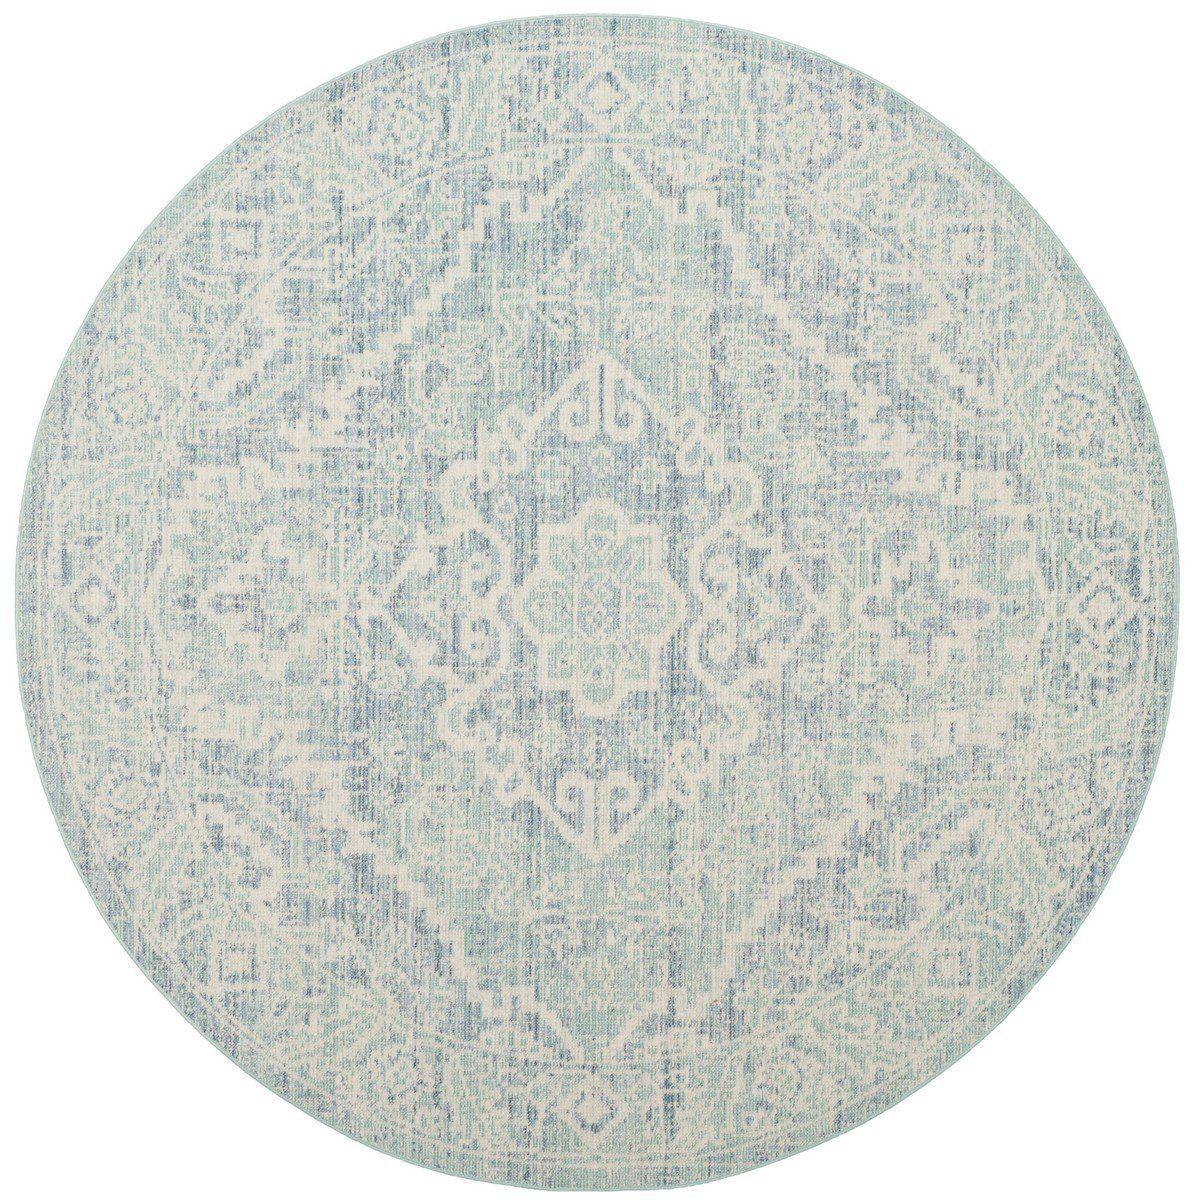 Seafoam Blue Round Area Rugs